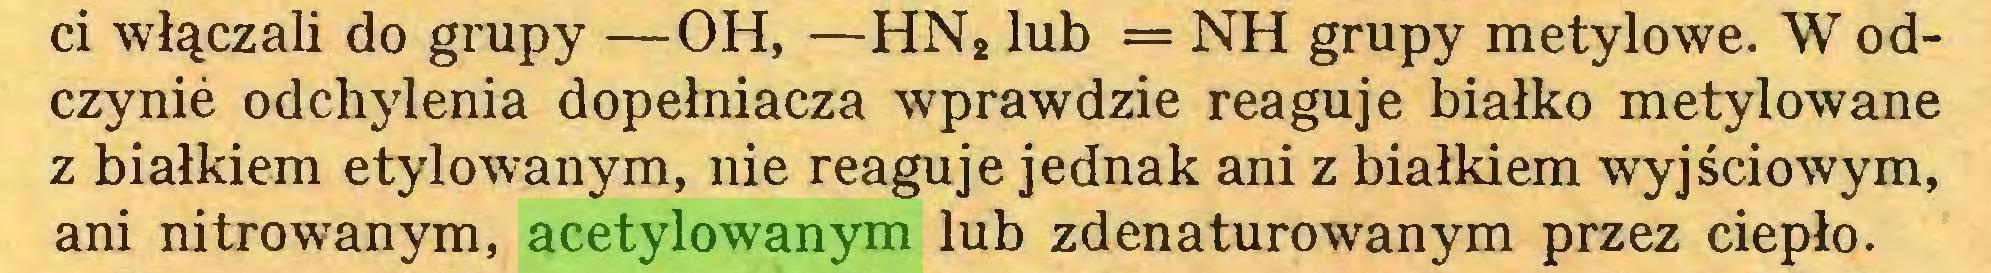 (...) ci włączali do grupy —OH, —HN2 lub = NH grupy metylowe. W odczynie odchylenia dopełniacza wprawdzie reaguje białko metylowane z białkiem etylowanym, nie reaguje jednak ani z białkiem wyjściowym, ani nitrowanym, acetylowanym lub zdenaturowanym przez ciepło...